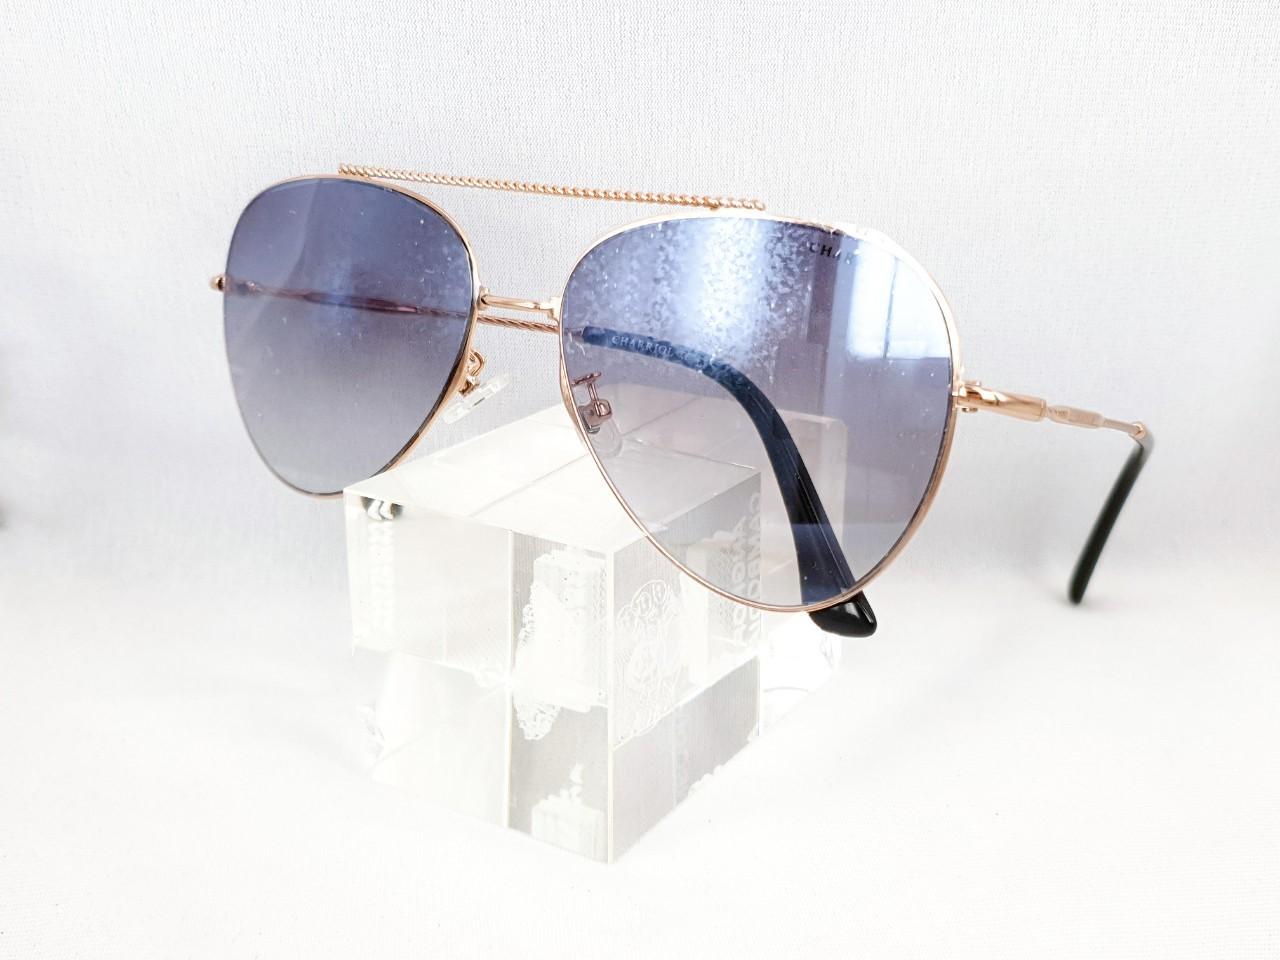 民視眼鏡品牌Charile_200102_0009